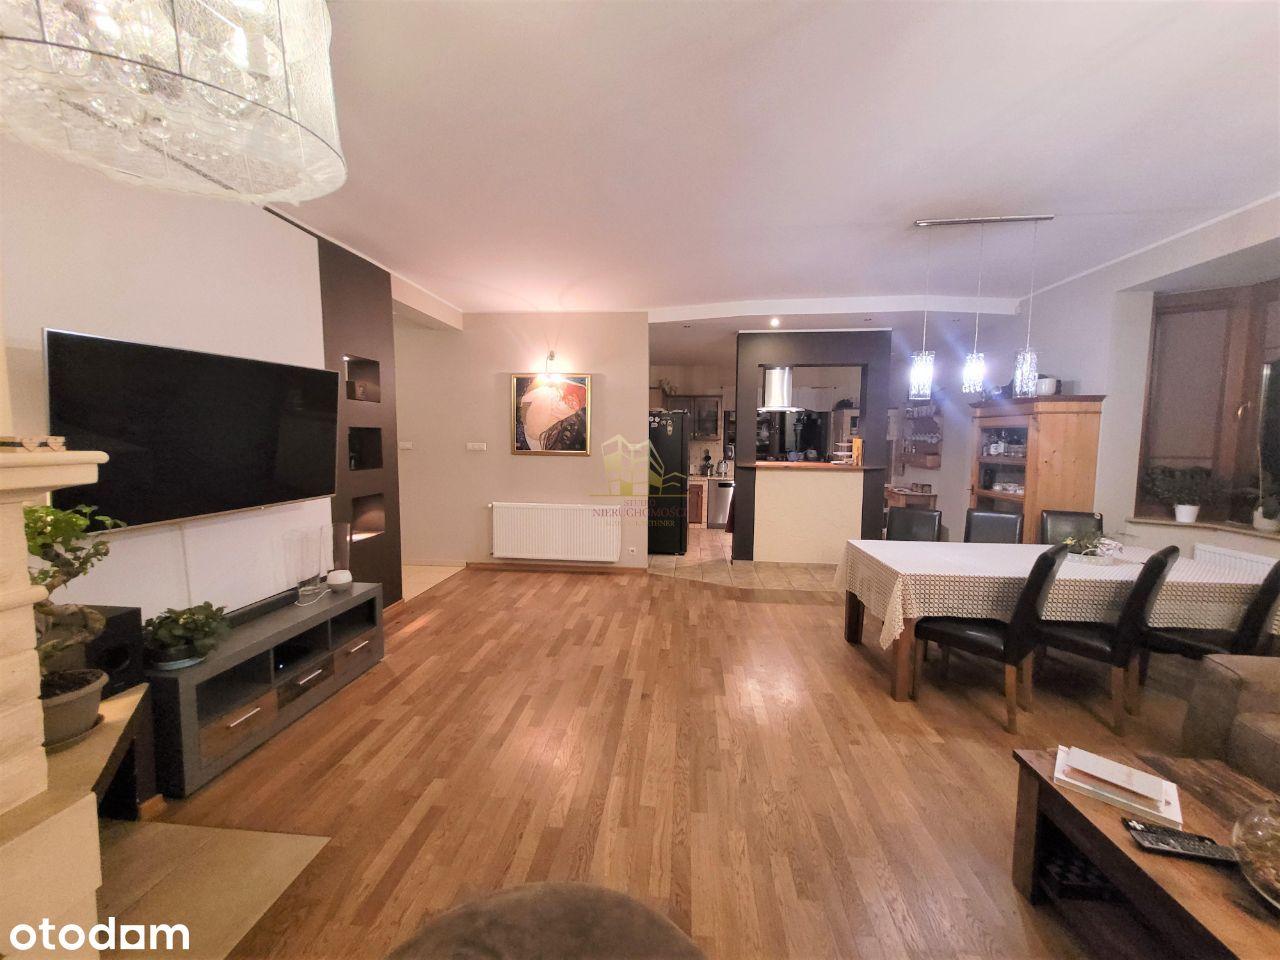 Okazja! Dom wolnostojący 178 m2/ 5 pokoi/1200m2